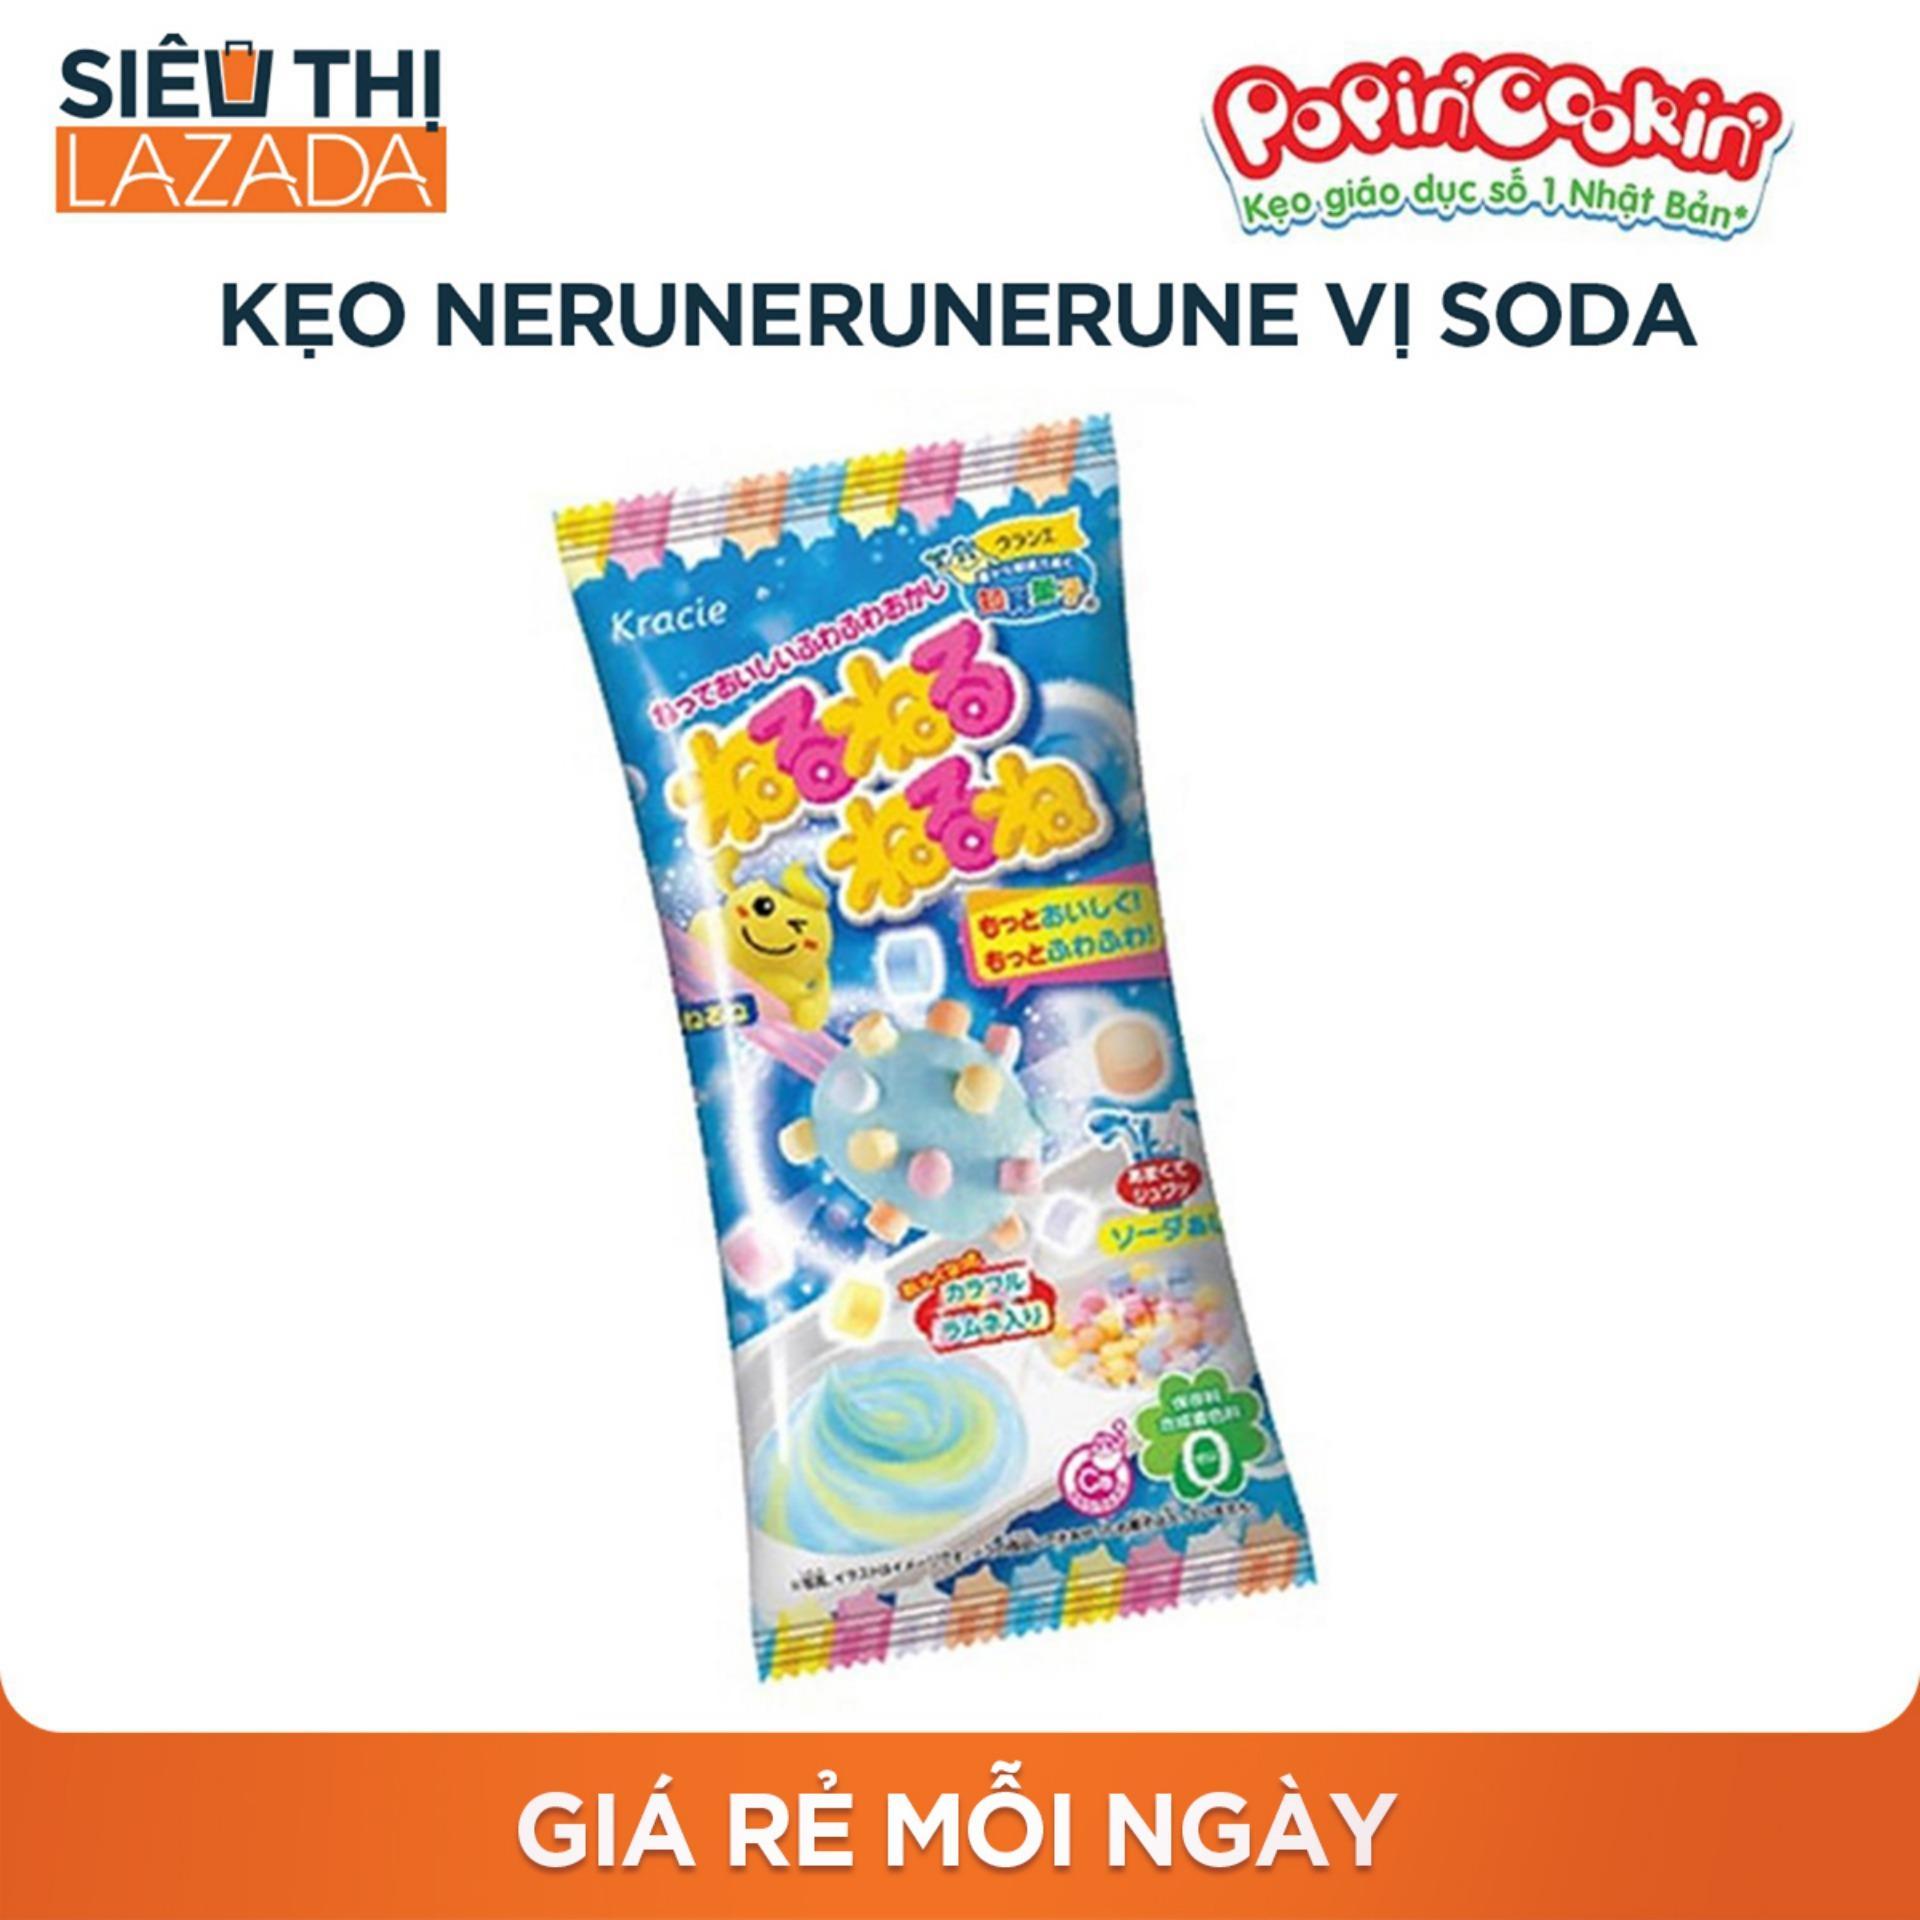 Kẹo Nerunerunerune Soda vị soda